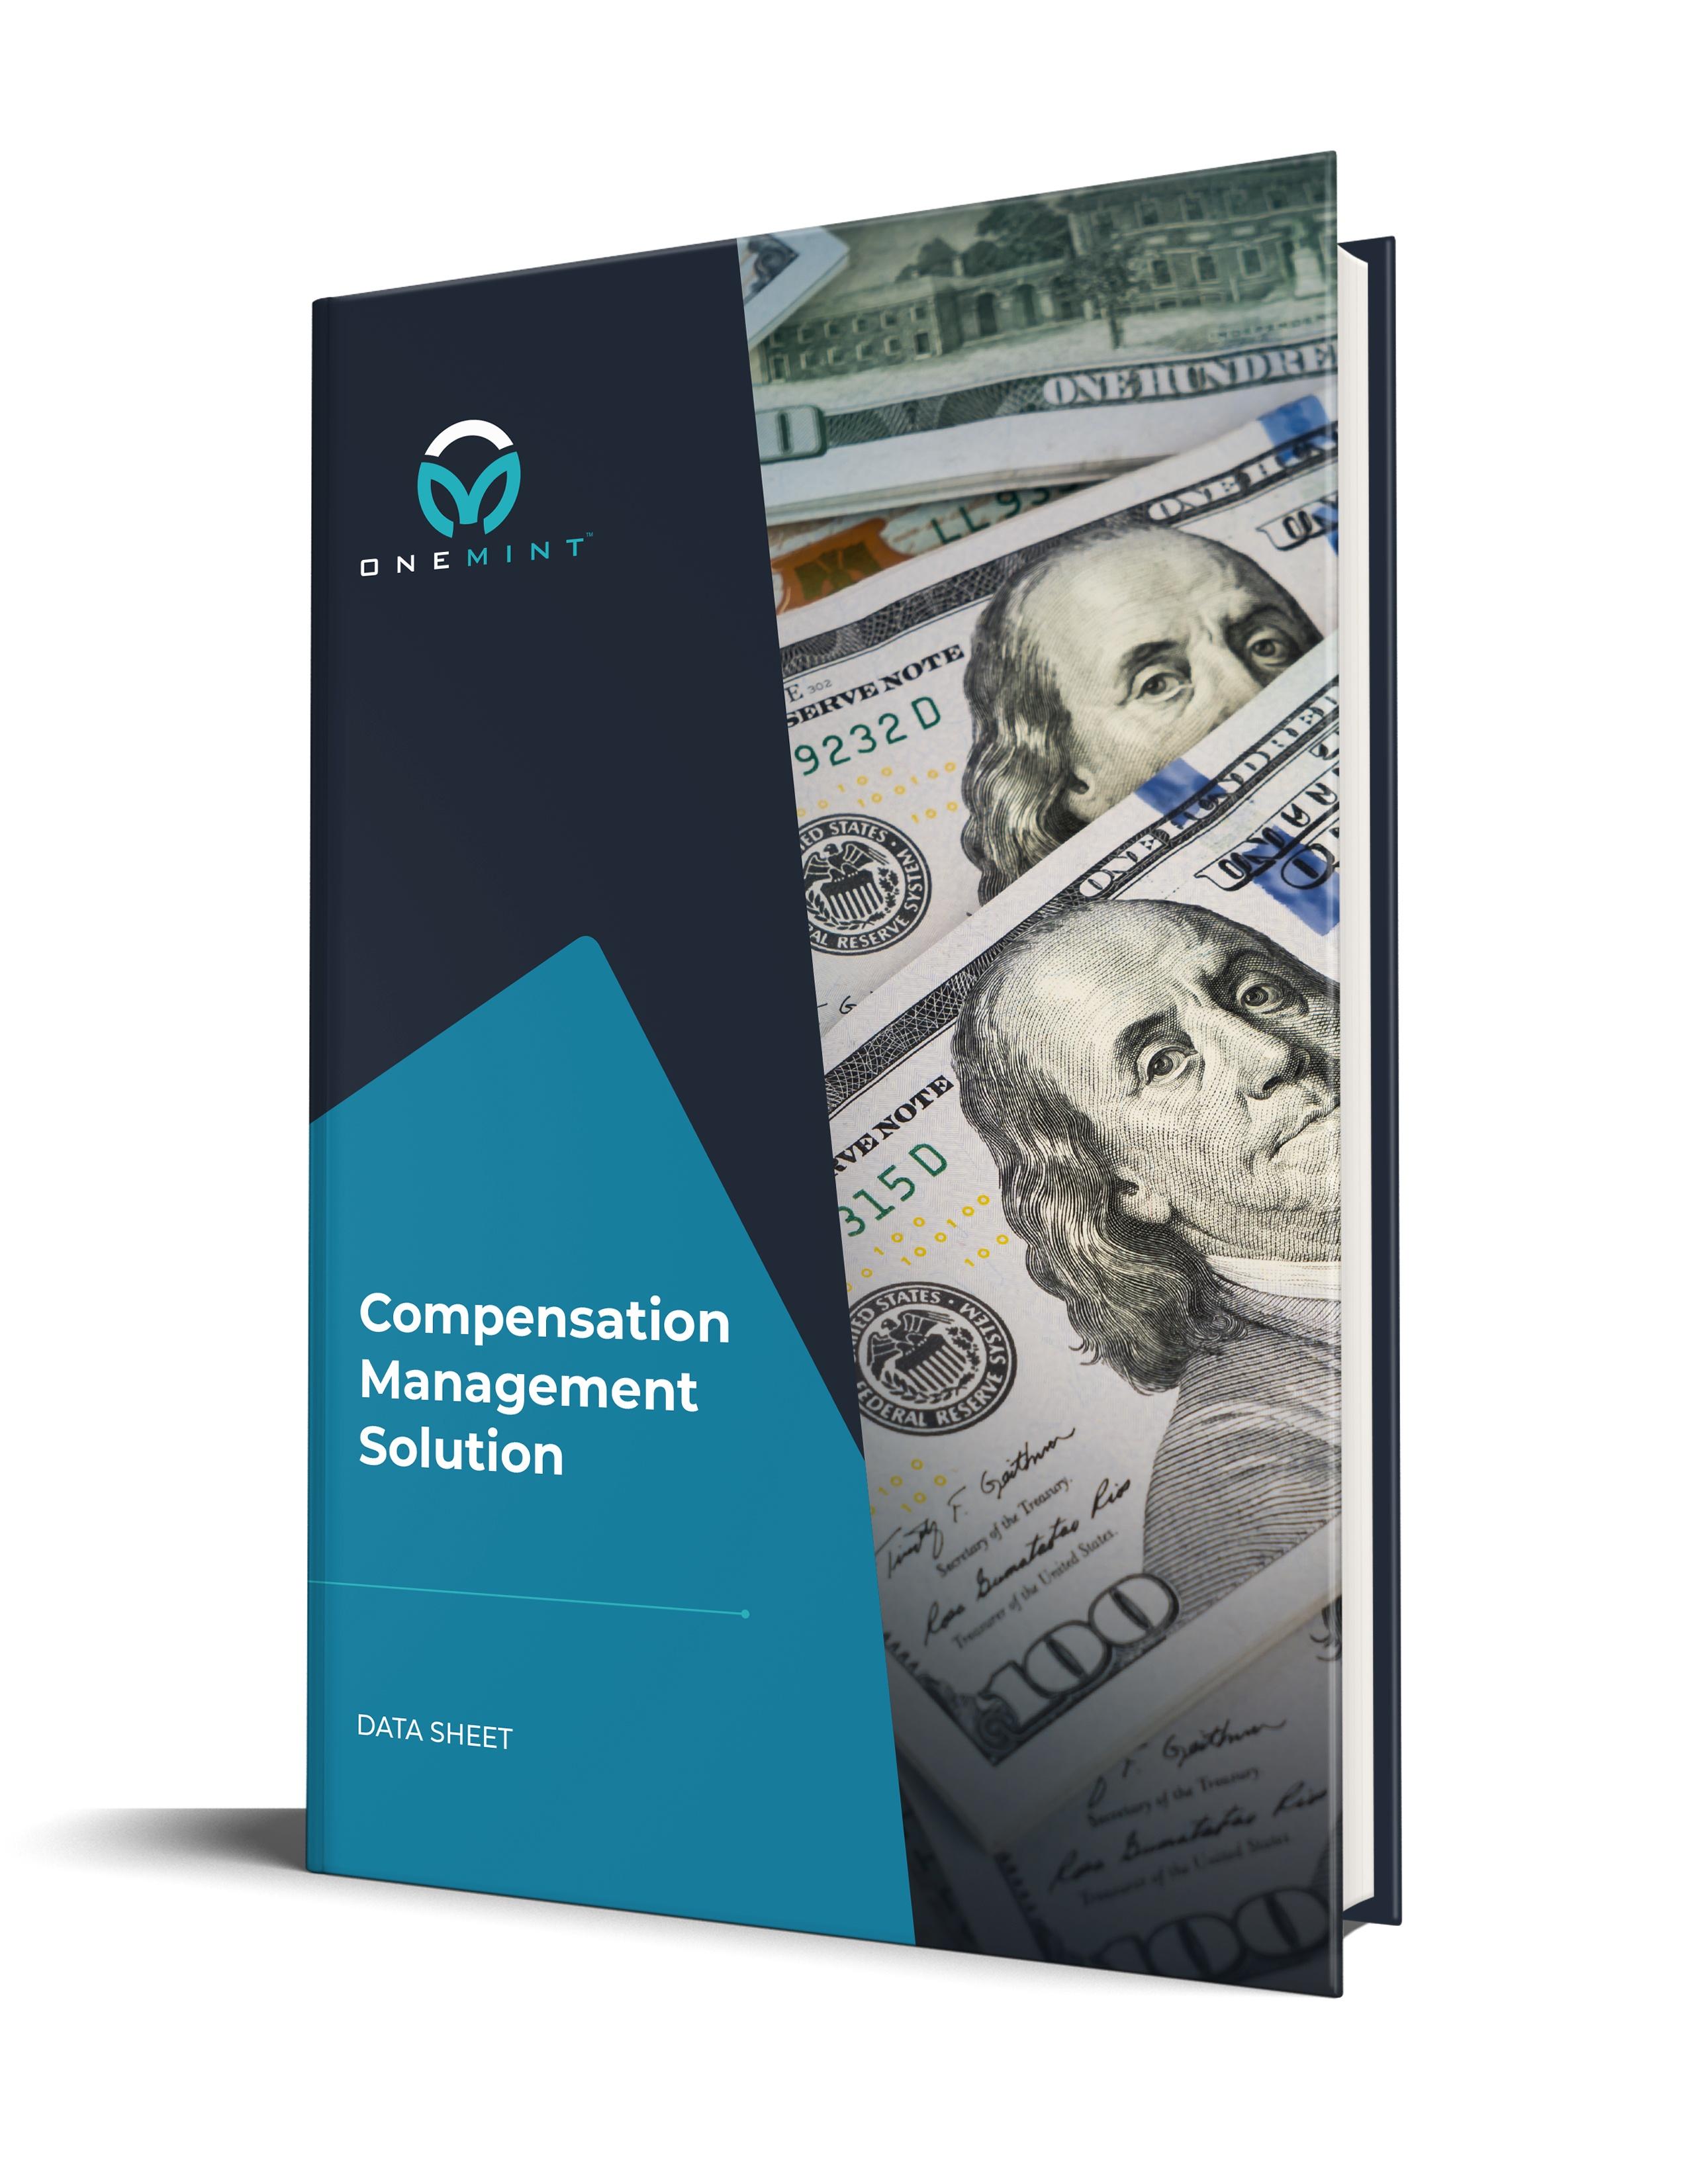 Compensation Management Solution